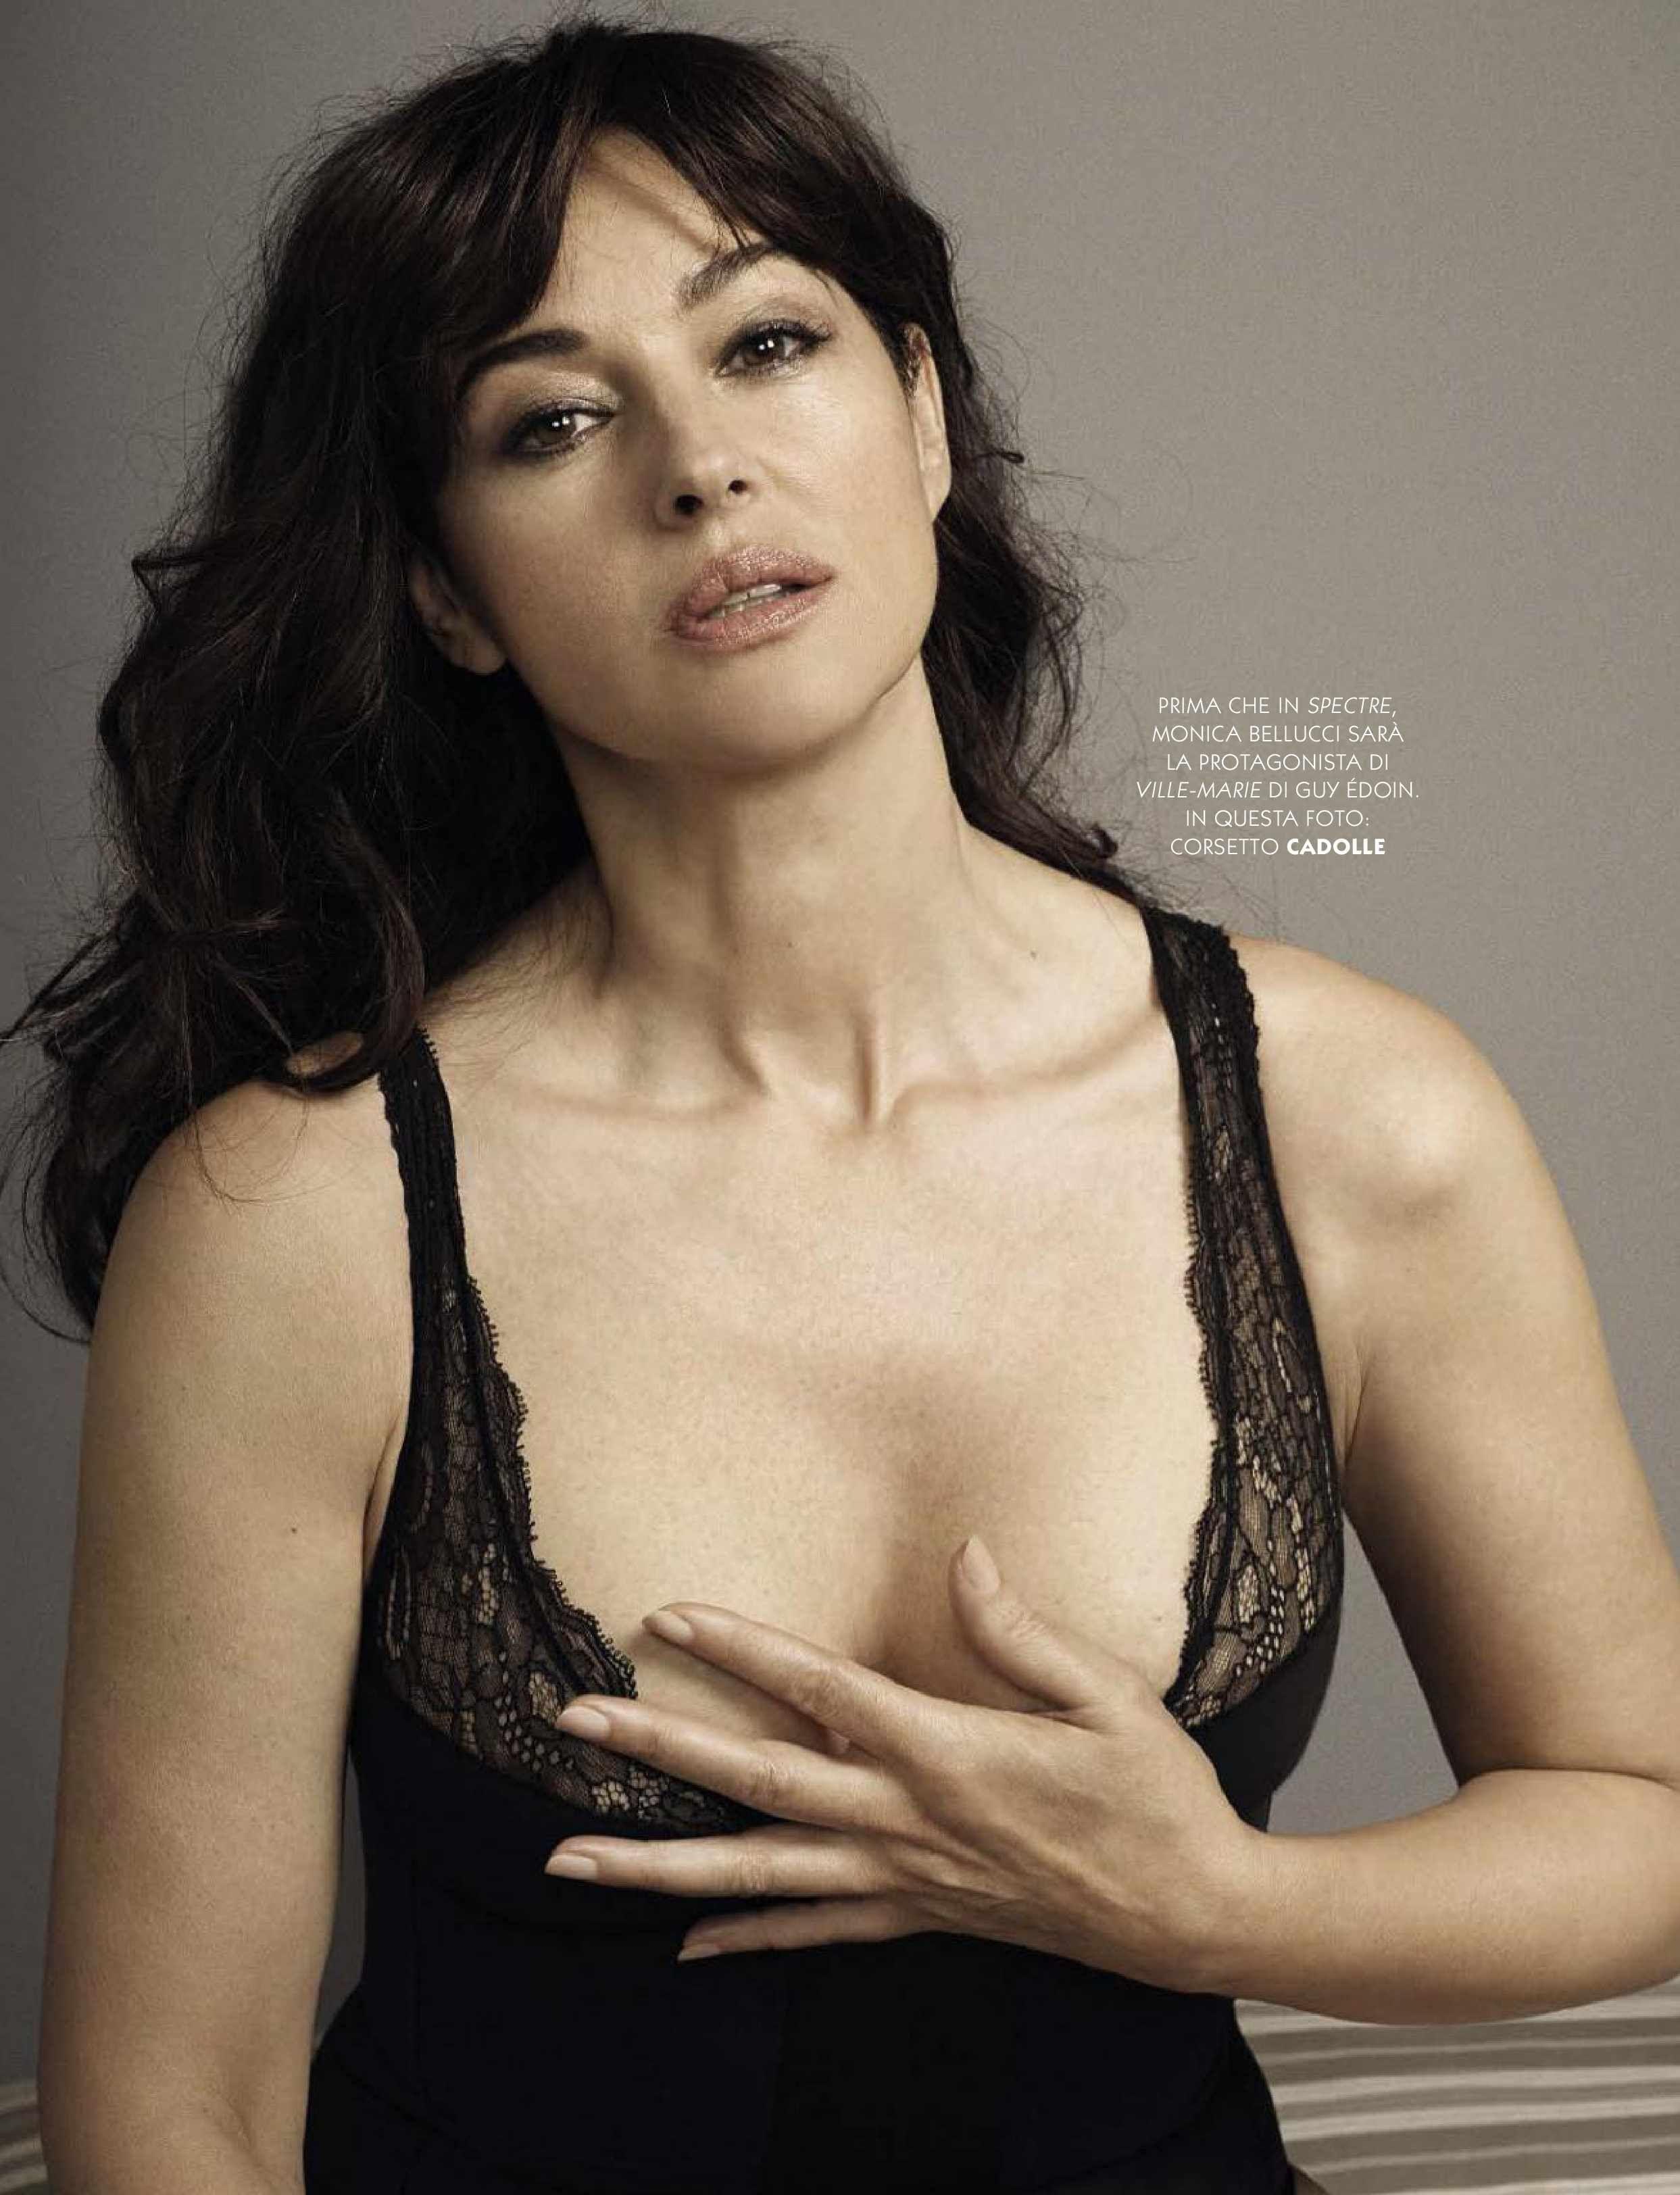 Maria Bellucci Nude Photos 26